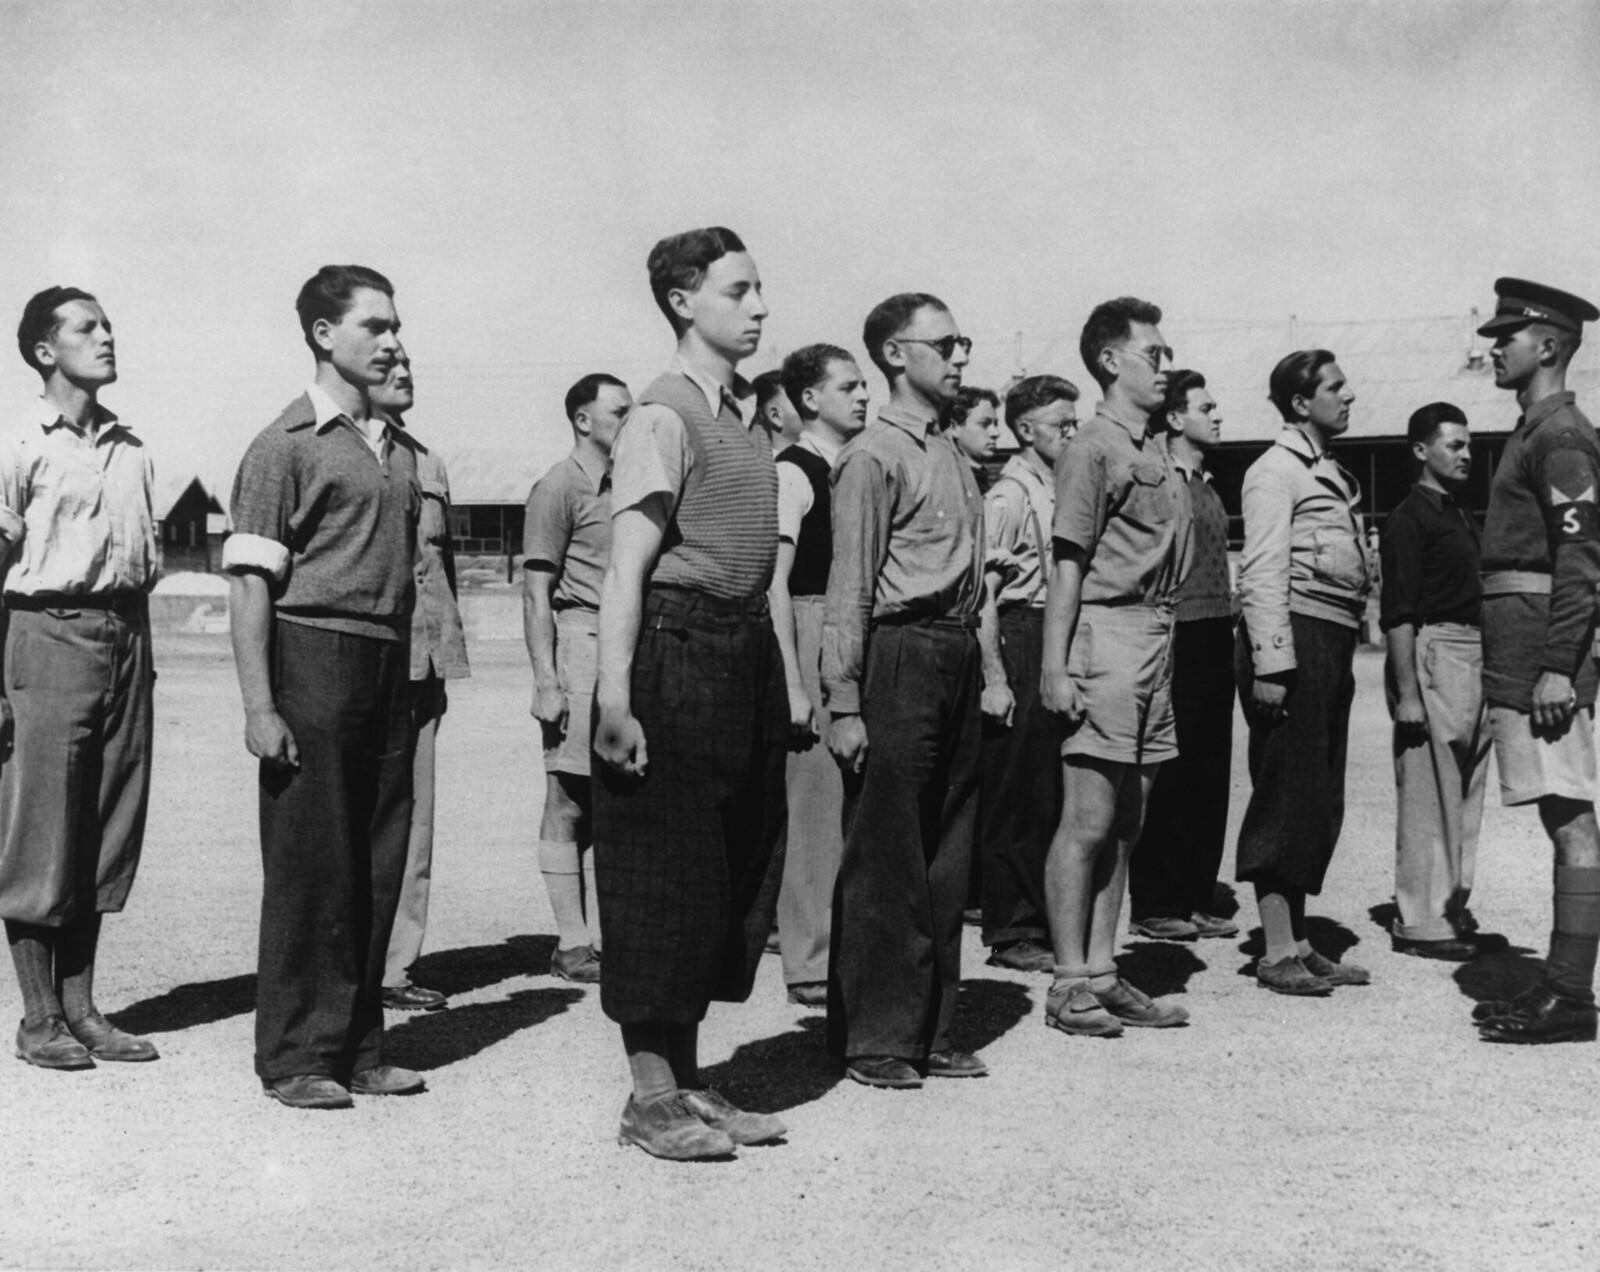 04. Новобранцы, как арабы, так и евреи, получают свои первые инструкции от британского унтер-офицера